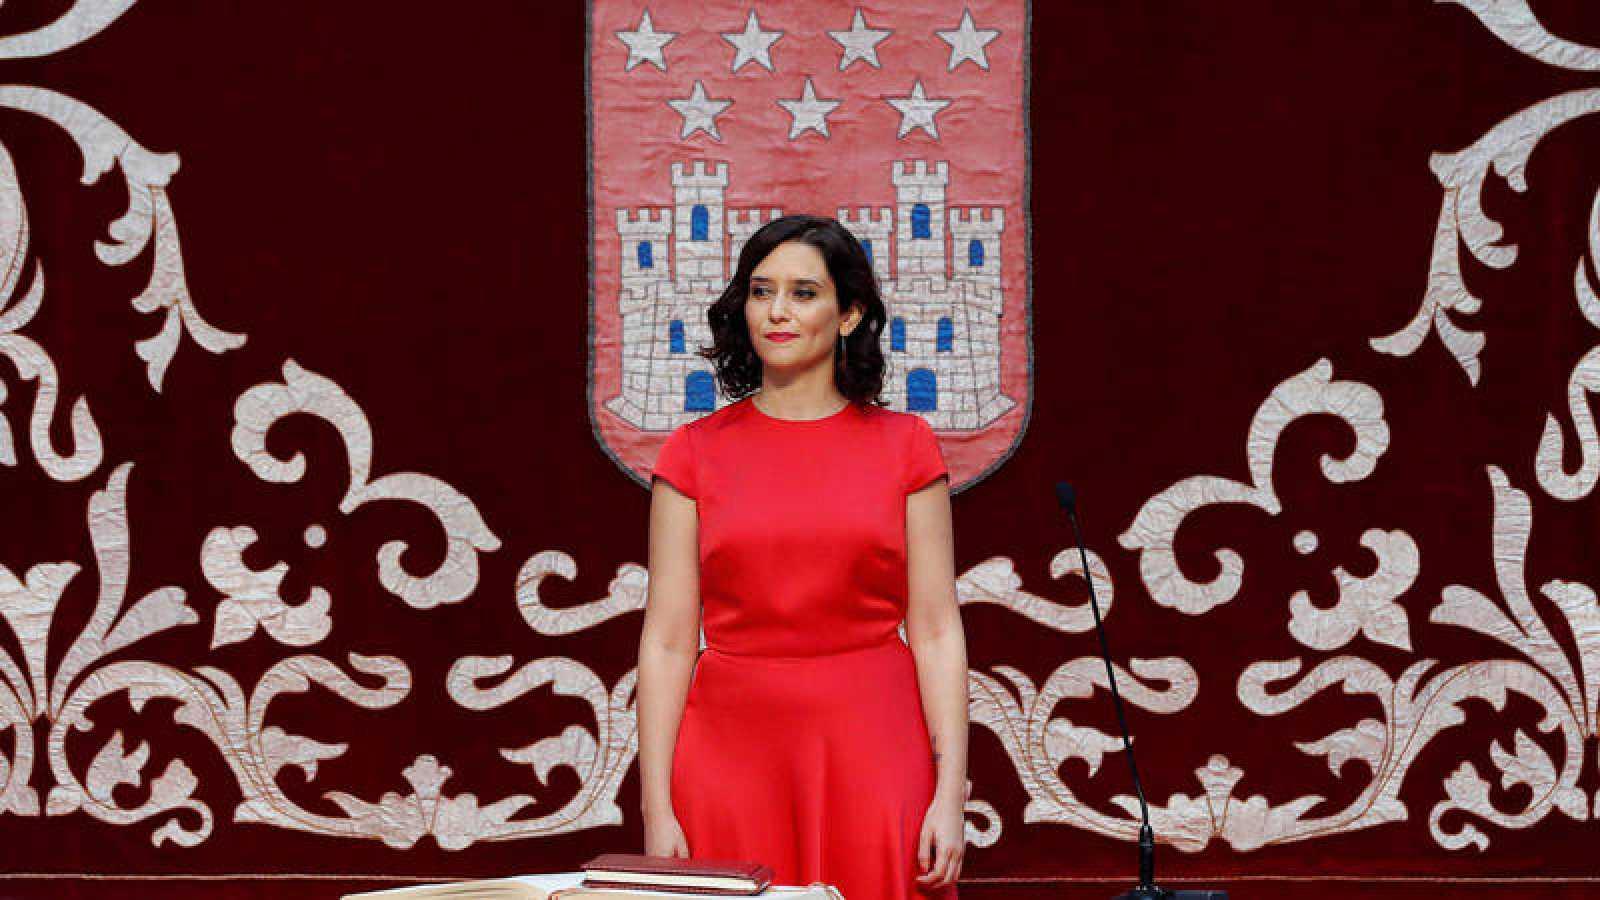 Isabel Díaz Ayuso antes de tomar posesión como presidenta de la Comunidad de Madrid en un acto celebrado este lunes en la Real Casa de Correos.